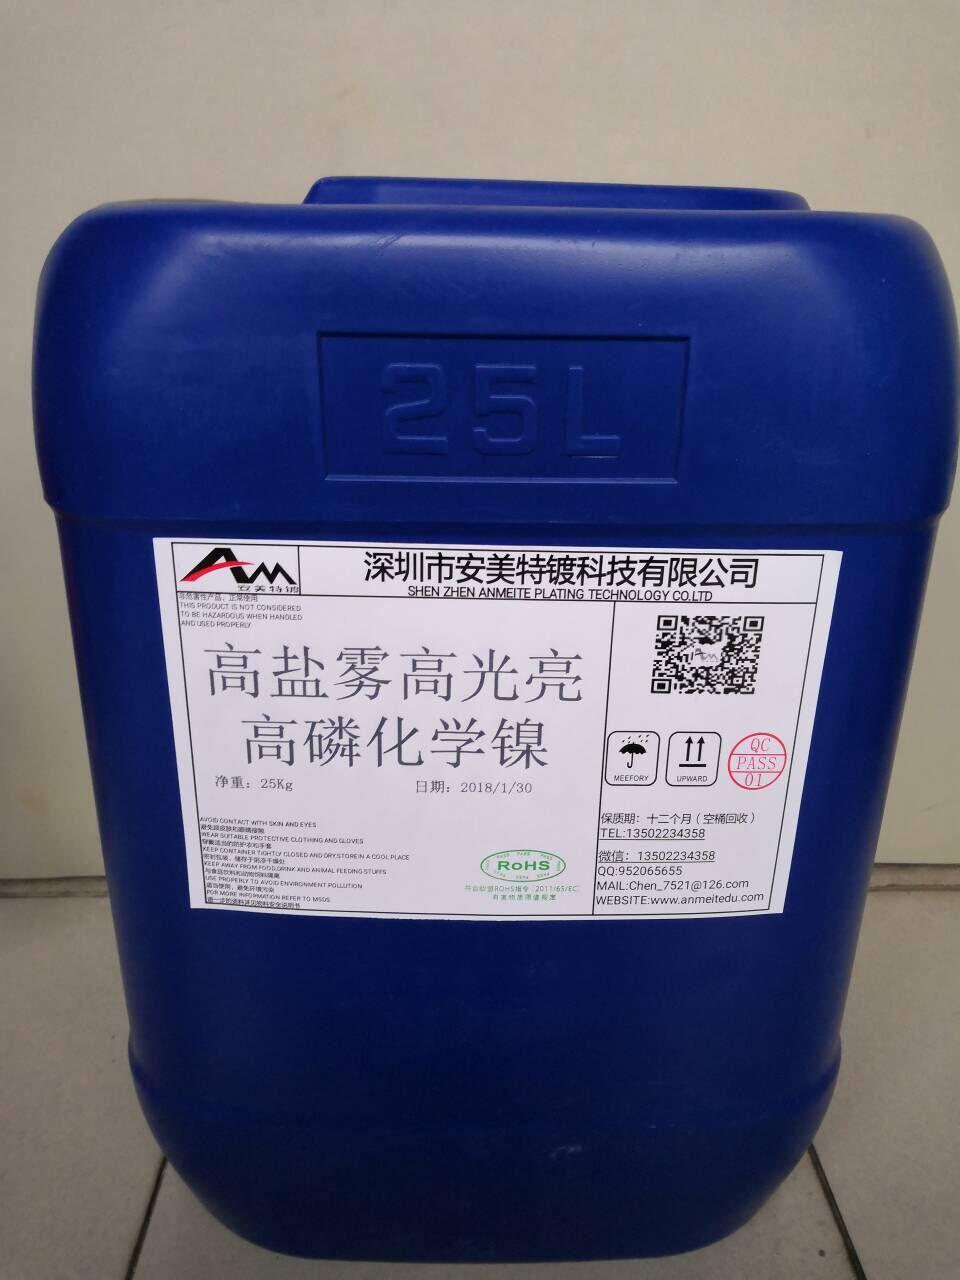 安美特镀厂家直销高盐雾高光亮环保化学镍AM-688电镀添加剂